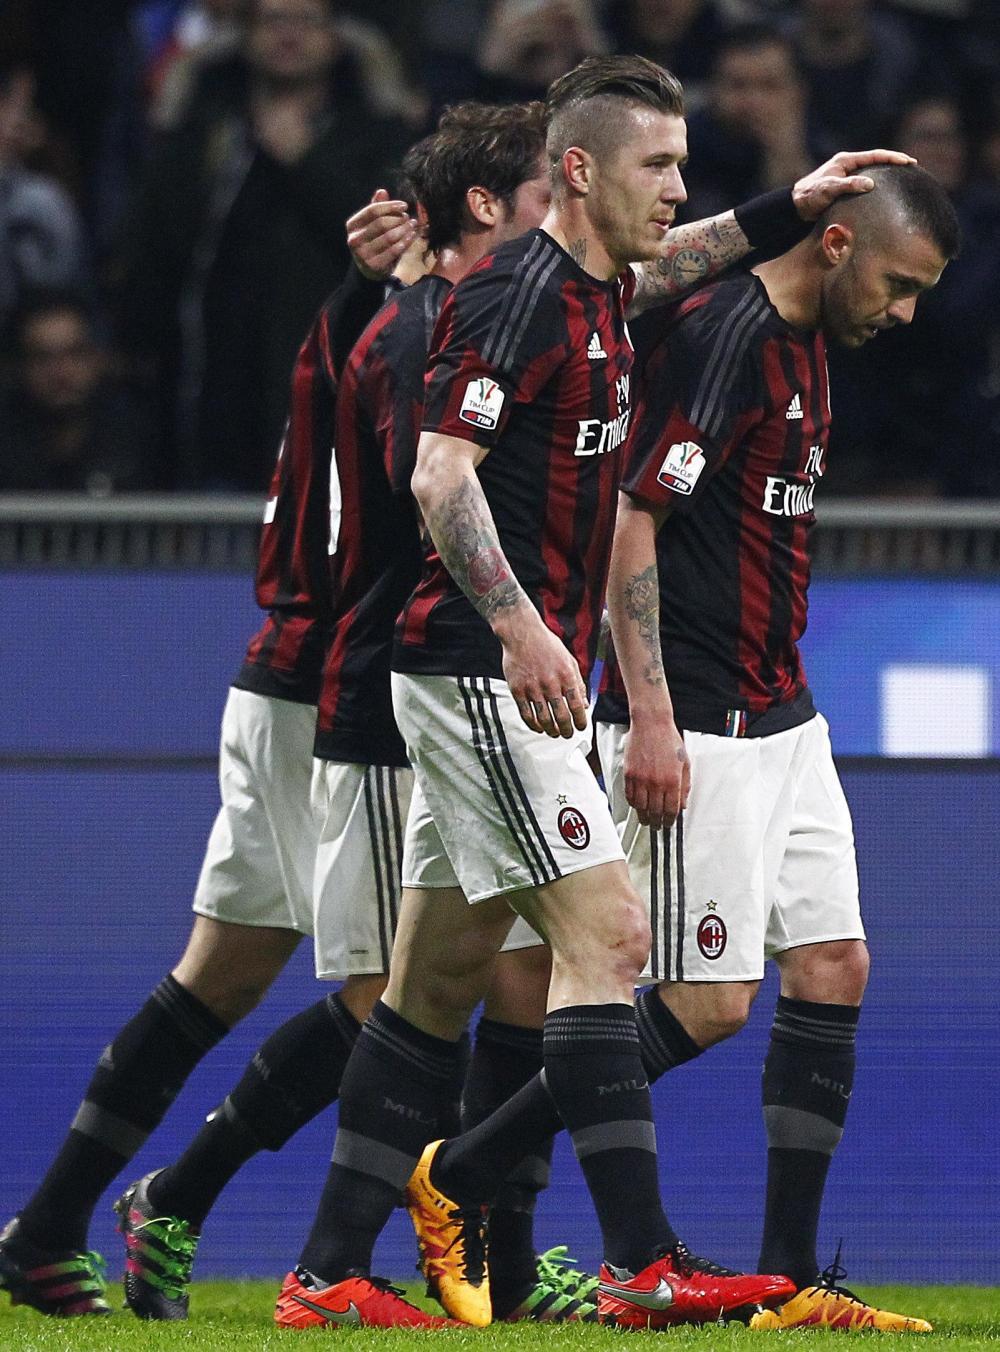 Coppa Italia: Milan-Alessandria 5-0, le foto del match